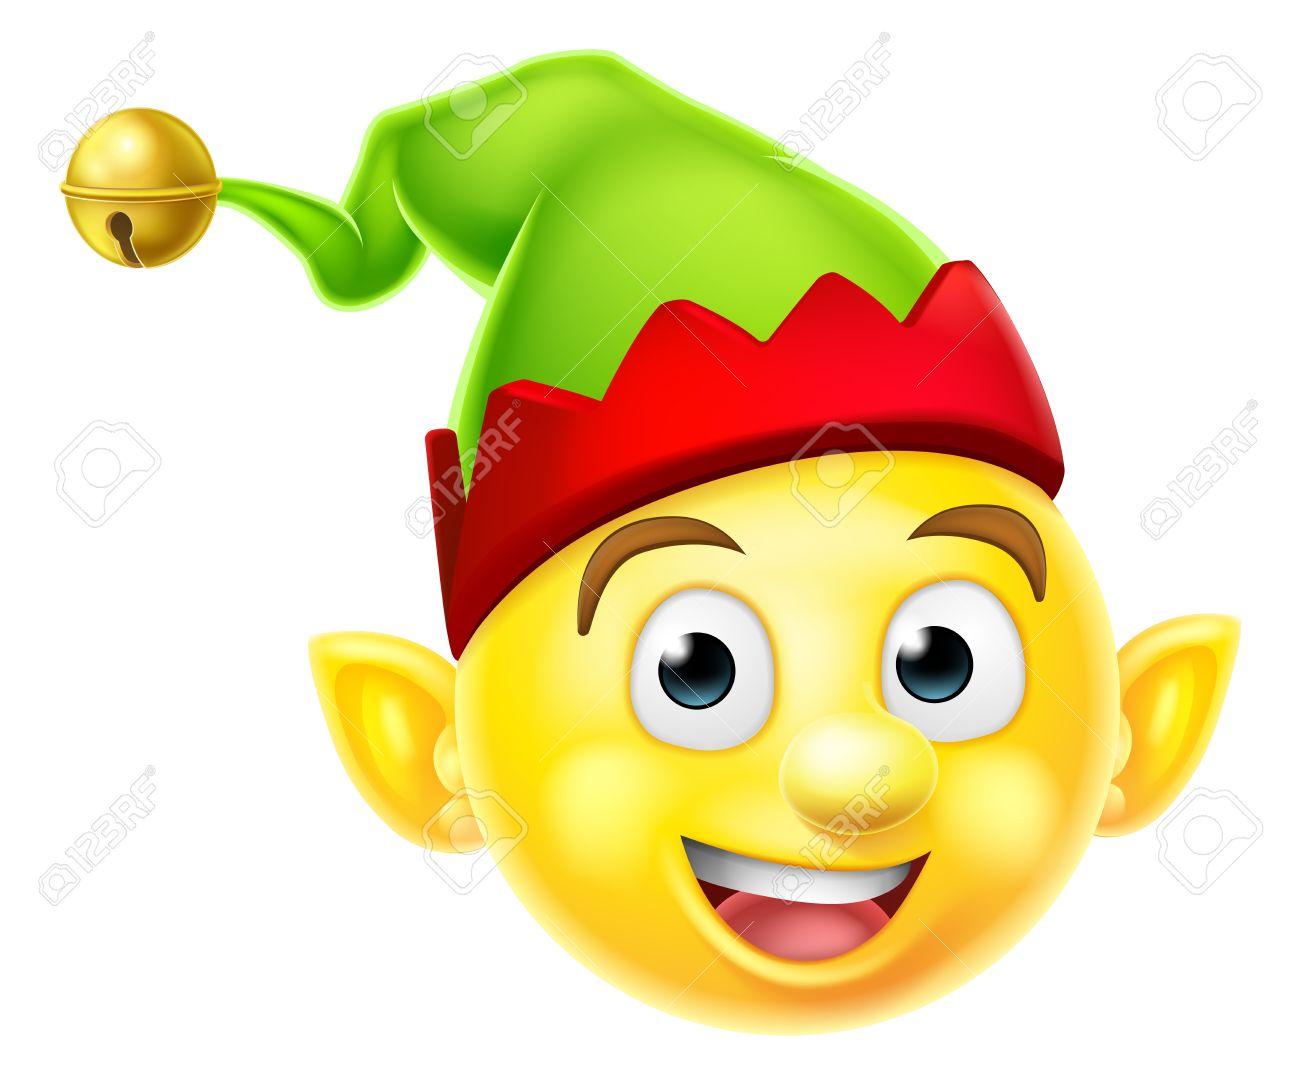 A cute Christmas Elf Santas helper emoticon emoji smiley icon.